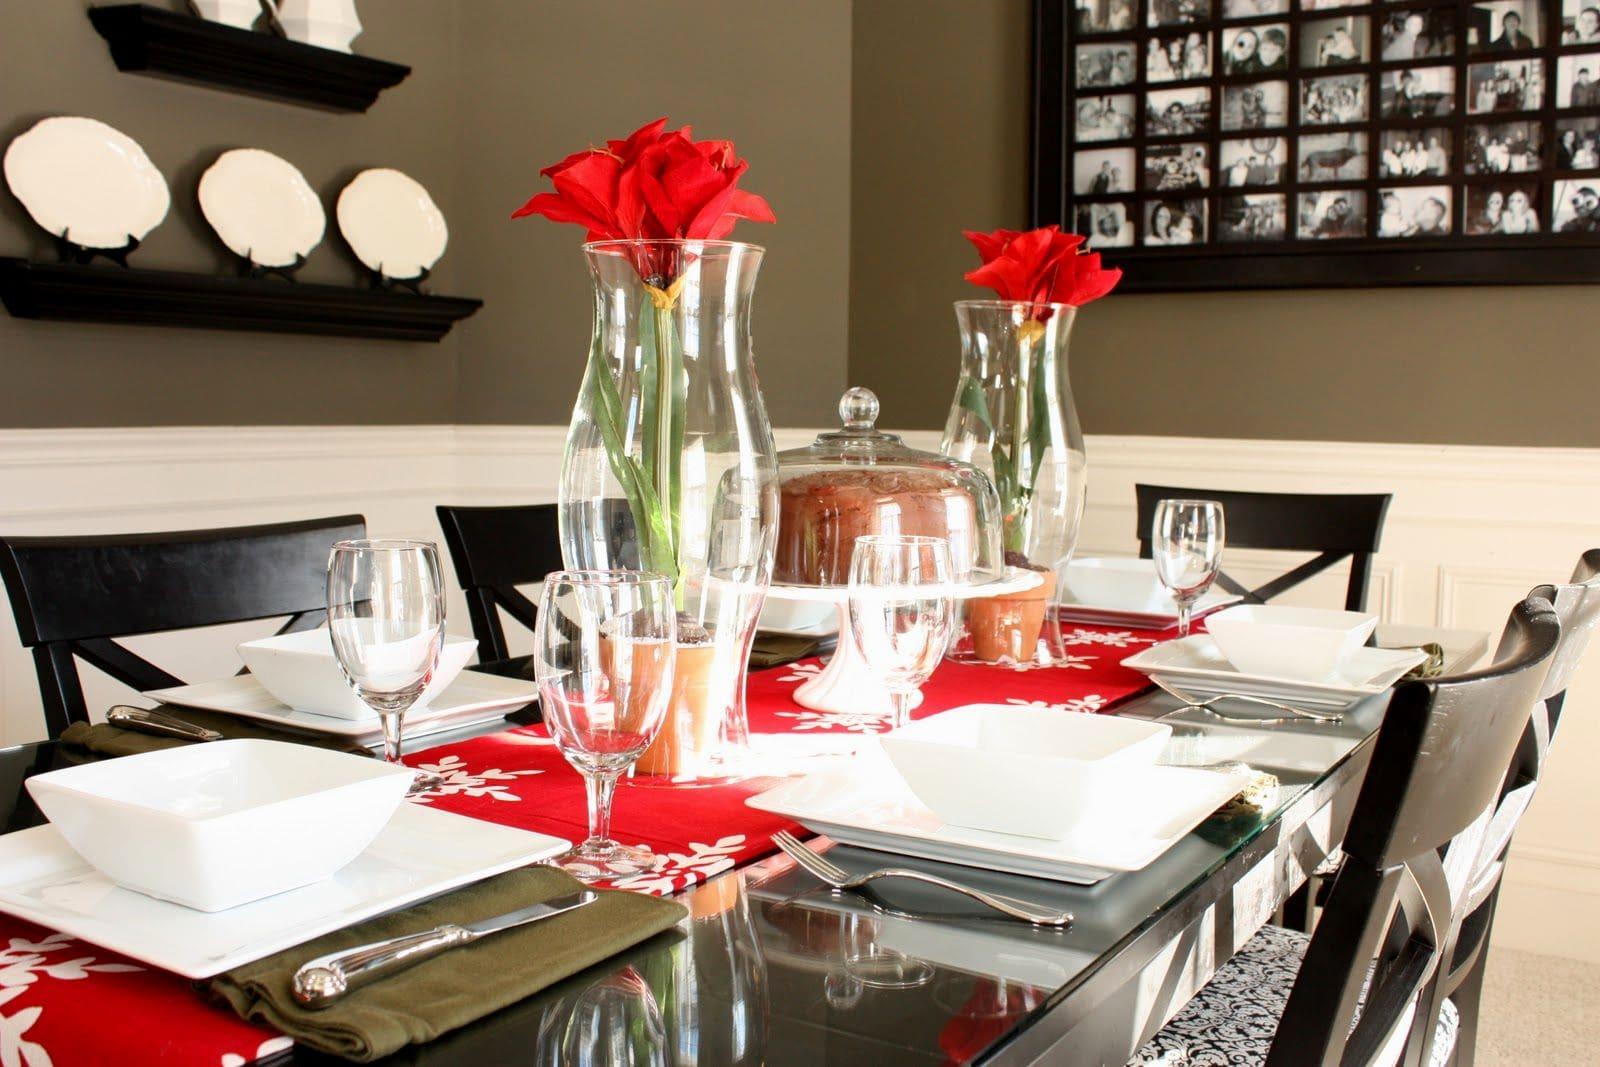 mesa de jantar bem arrumada